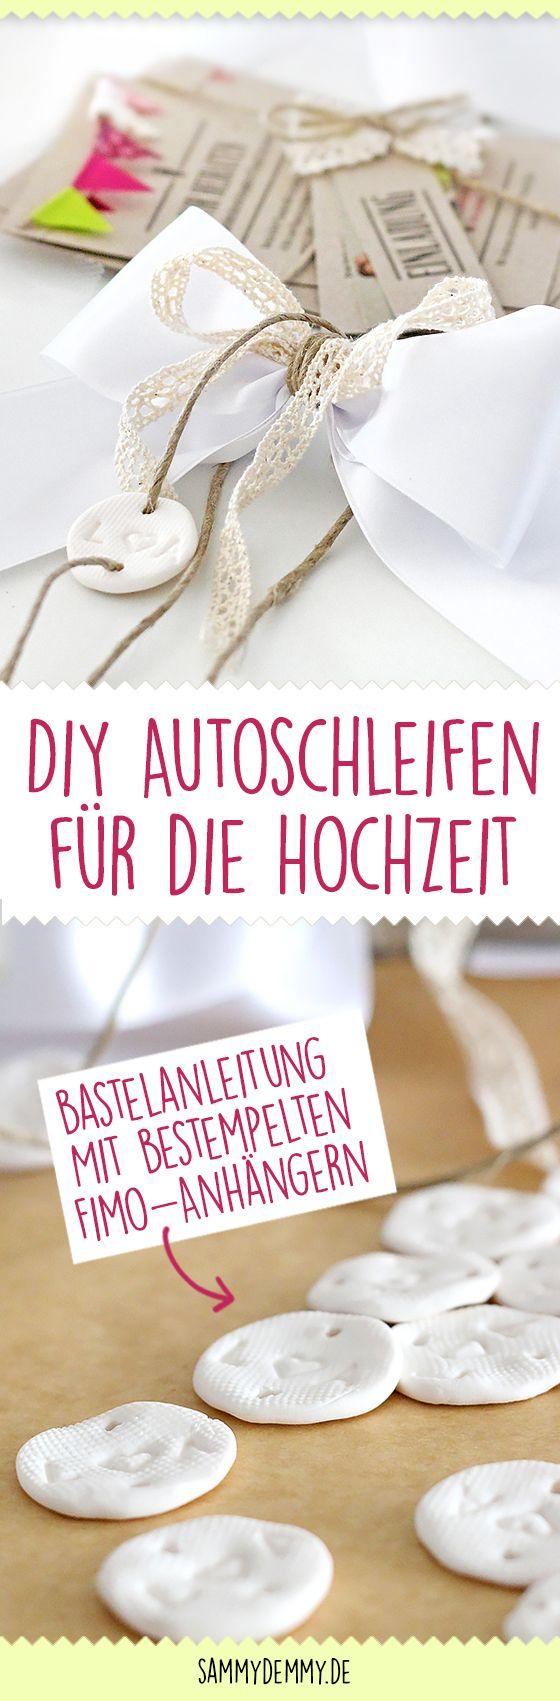 DIY Autoschleifen Für Die Hochzeit, Hochzeitsdeko, DIY Hochzeit, Hochzeit  Ideen, Geschenke Verpacken